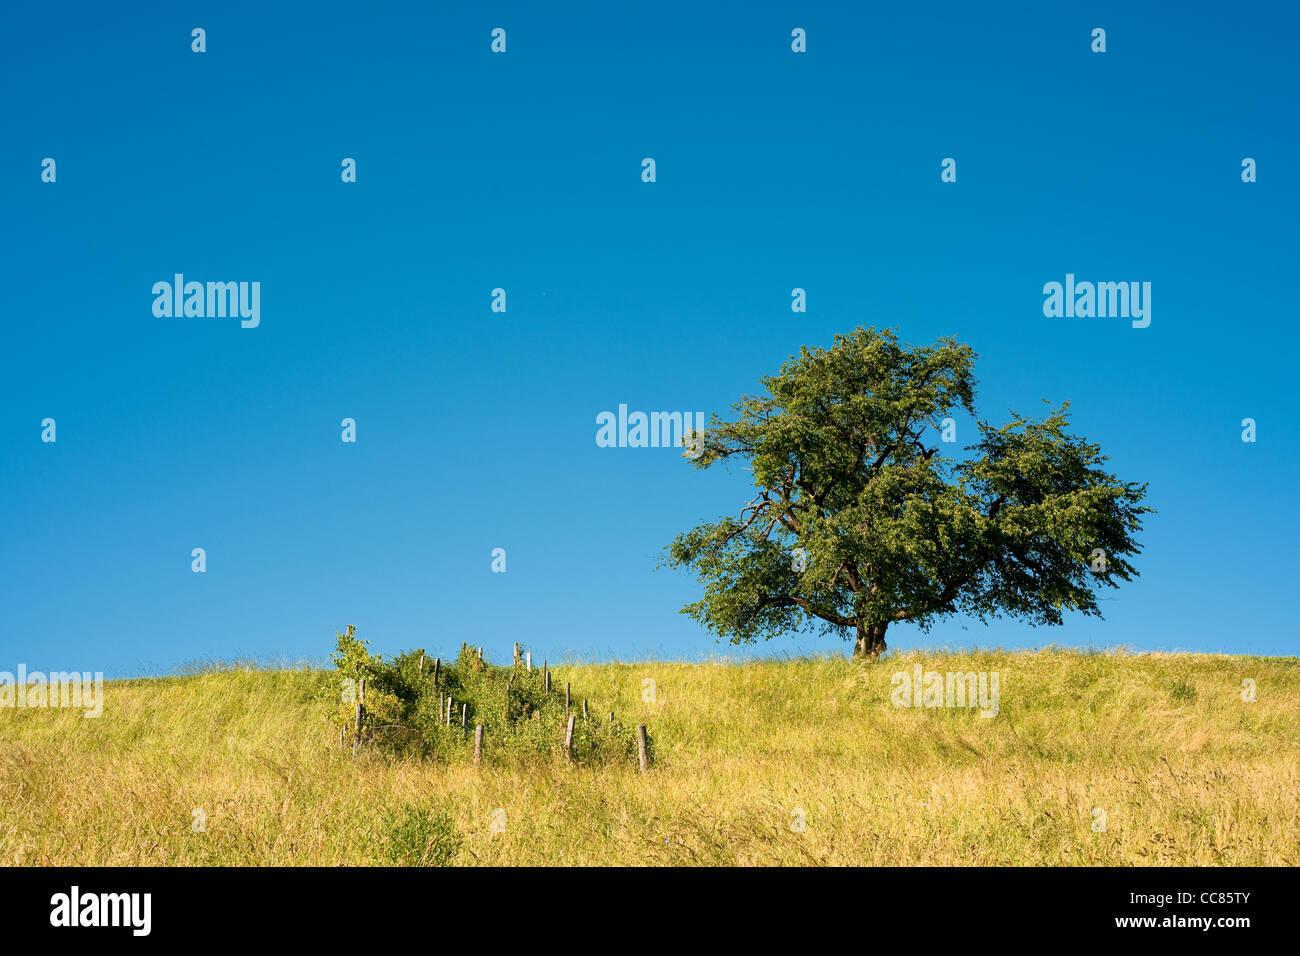 Árbol único en el ámbito rural con el cielo azul Imagen De Stock